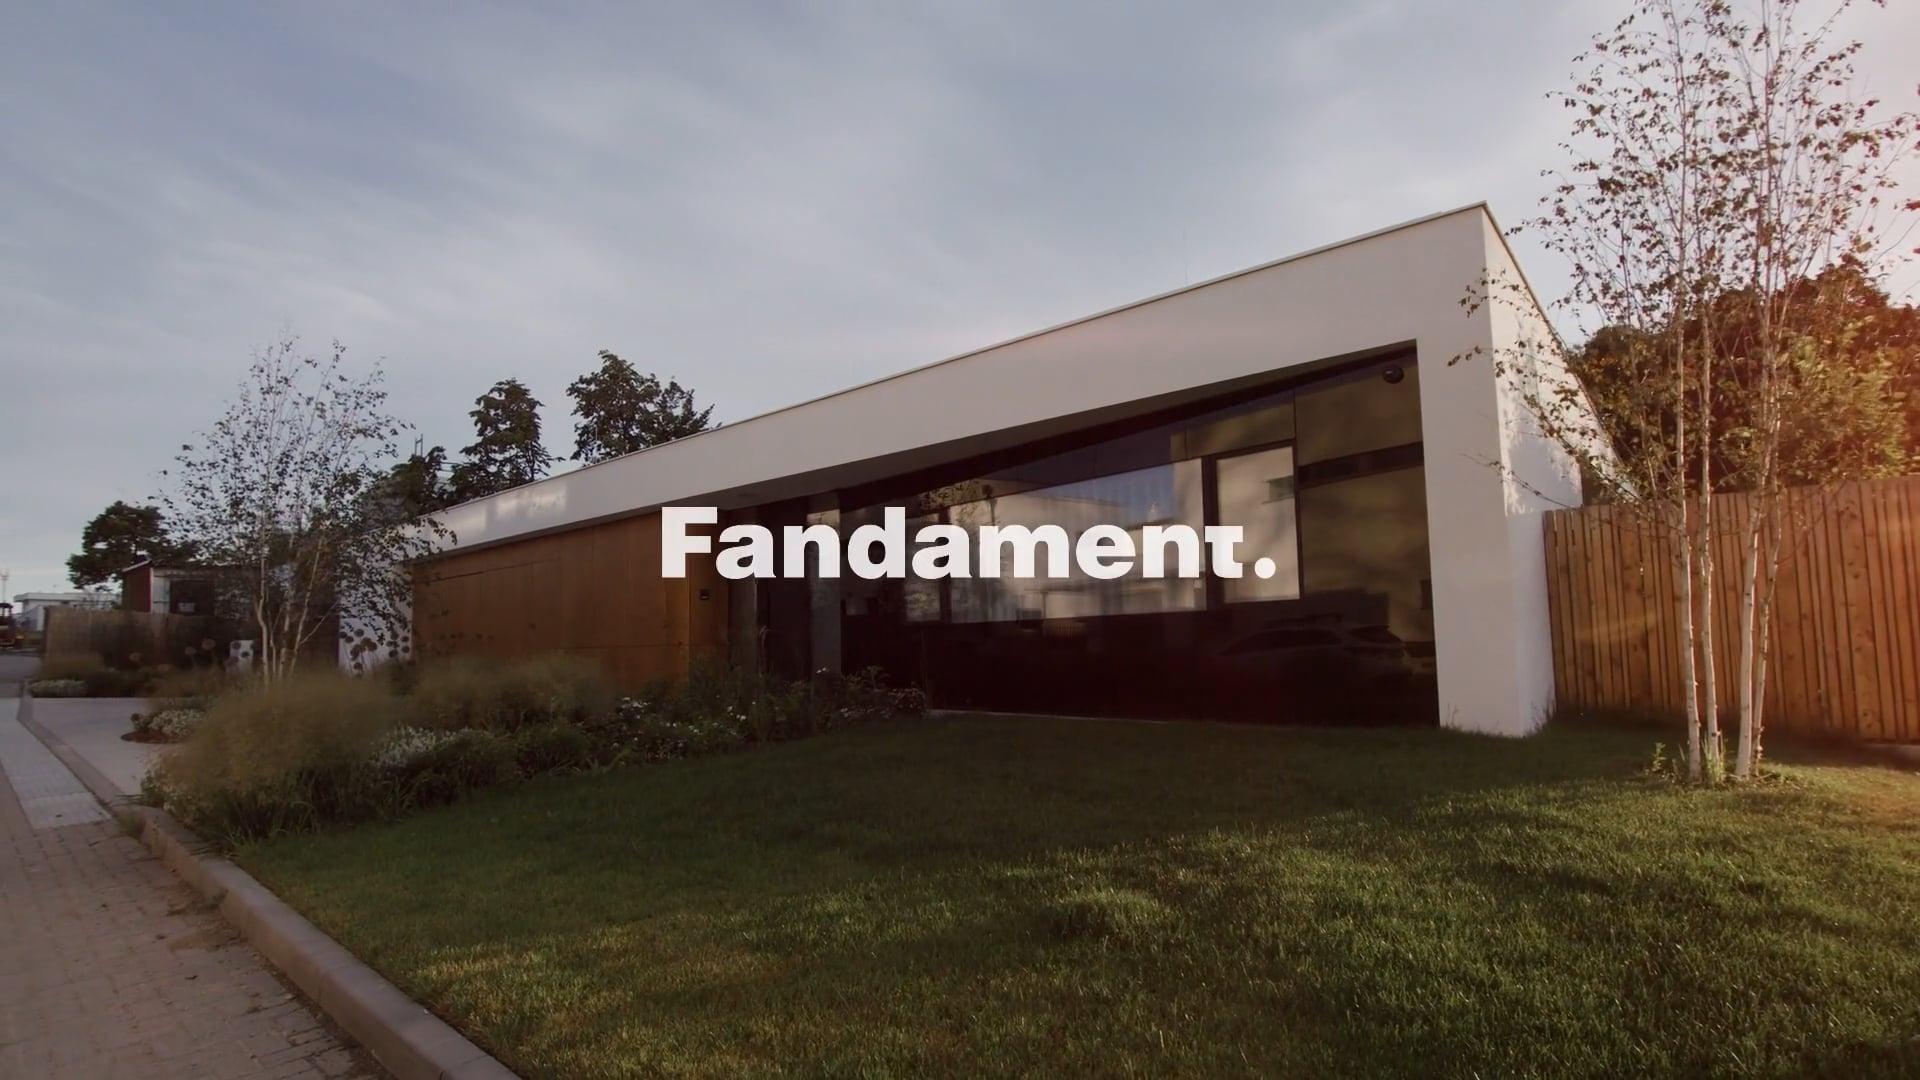 FANDAMENT